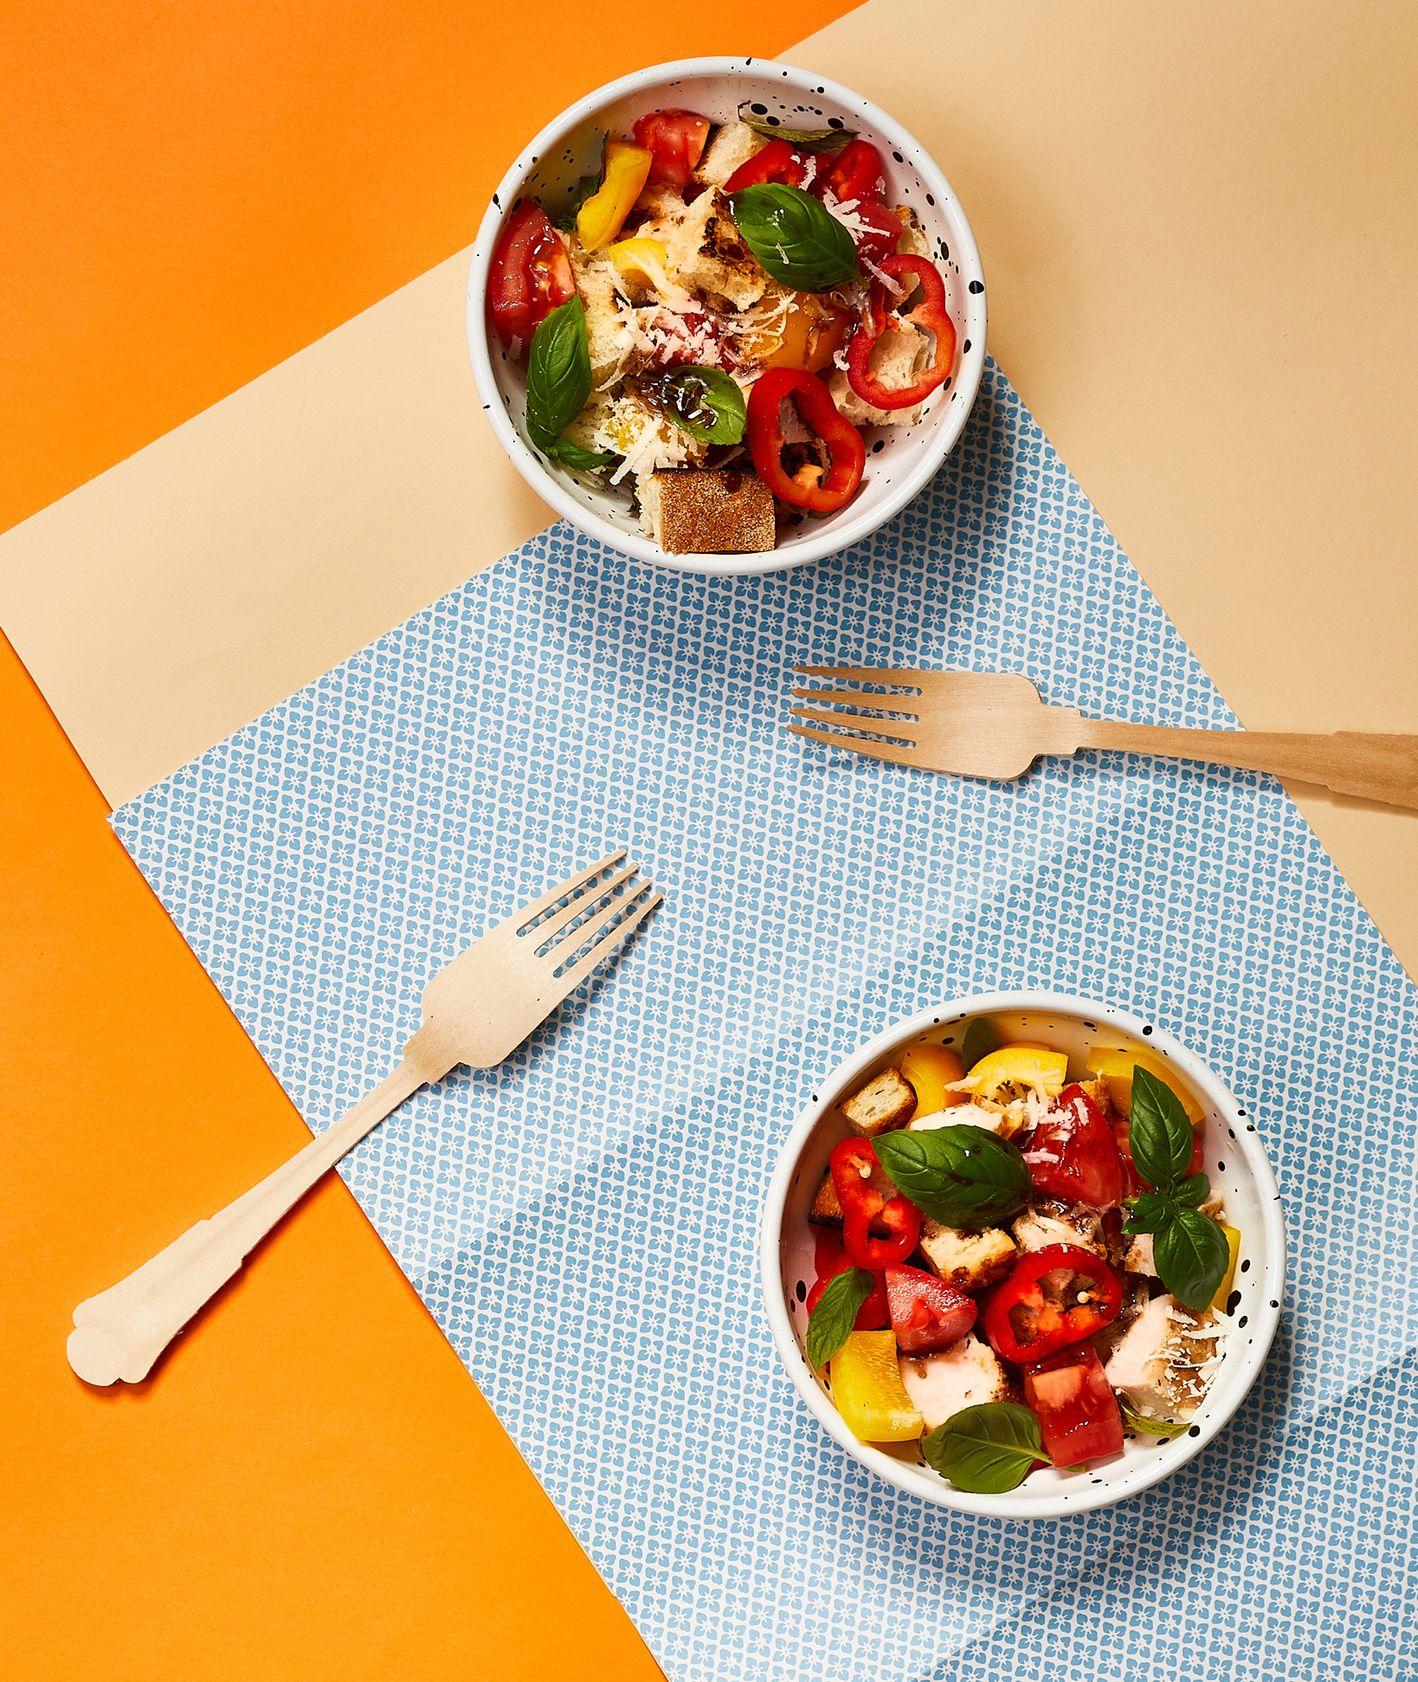 Jak zrobić sałatkę Panzanella z grillowanym kurczakiem, pomysł na sałatkę dla dziecka (fot. Maciej Niemojewski)